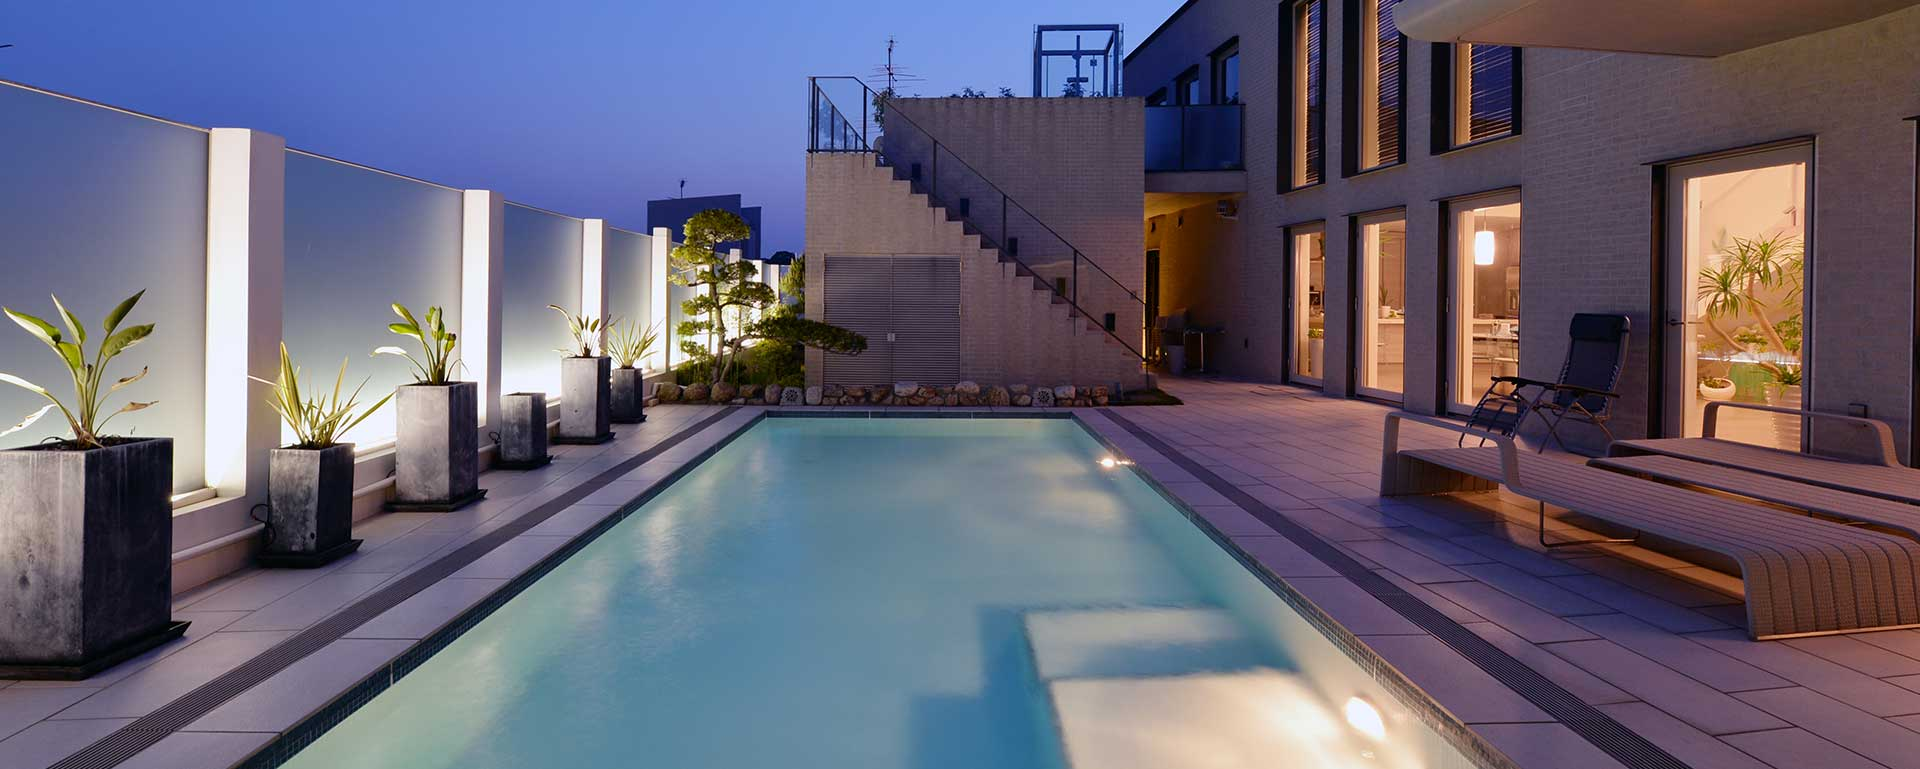 npsp sp cialiste piscines et spas pr s de vaison la. Black Bedroom Furniture Sets. Home Design Ideas